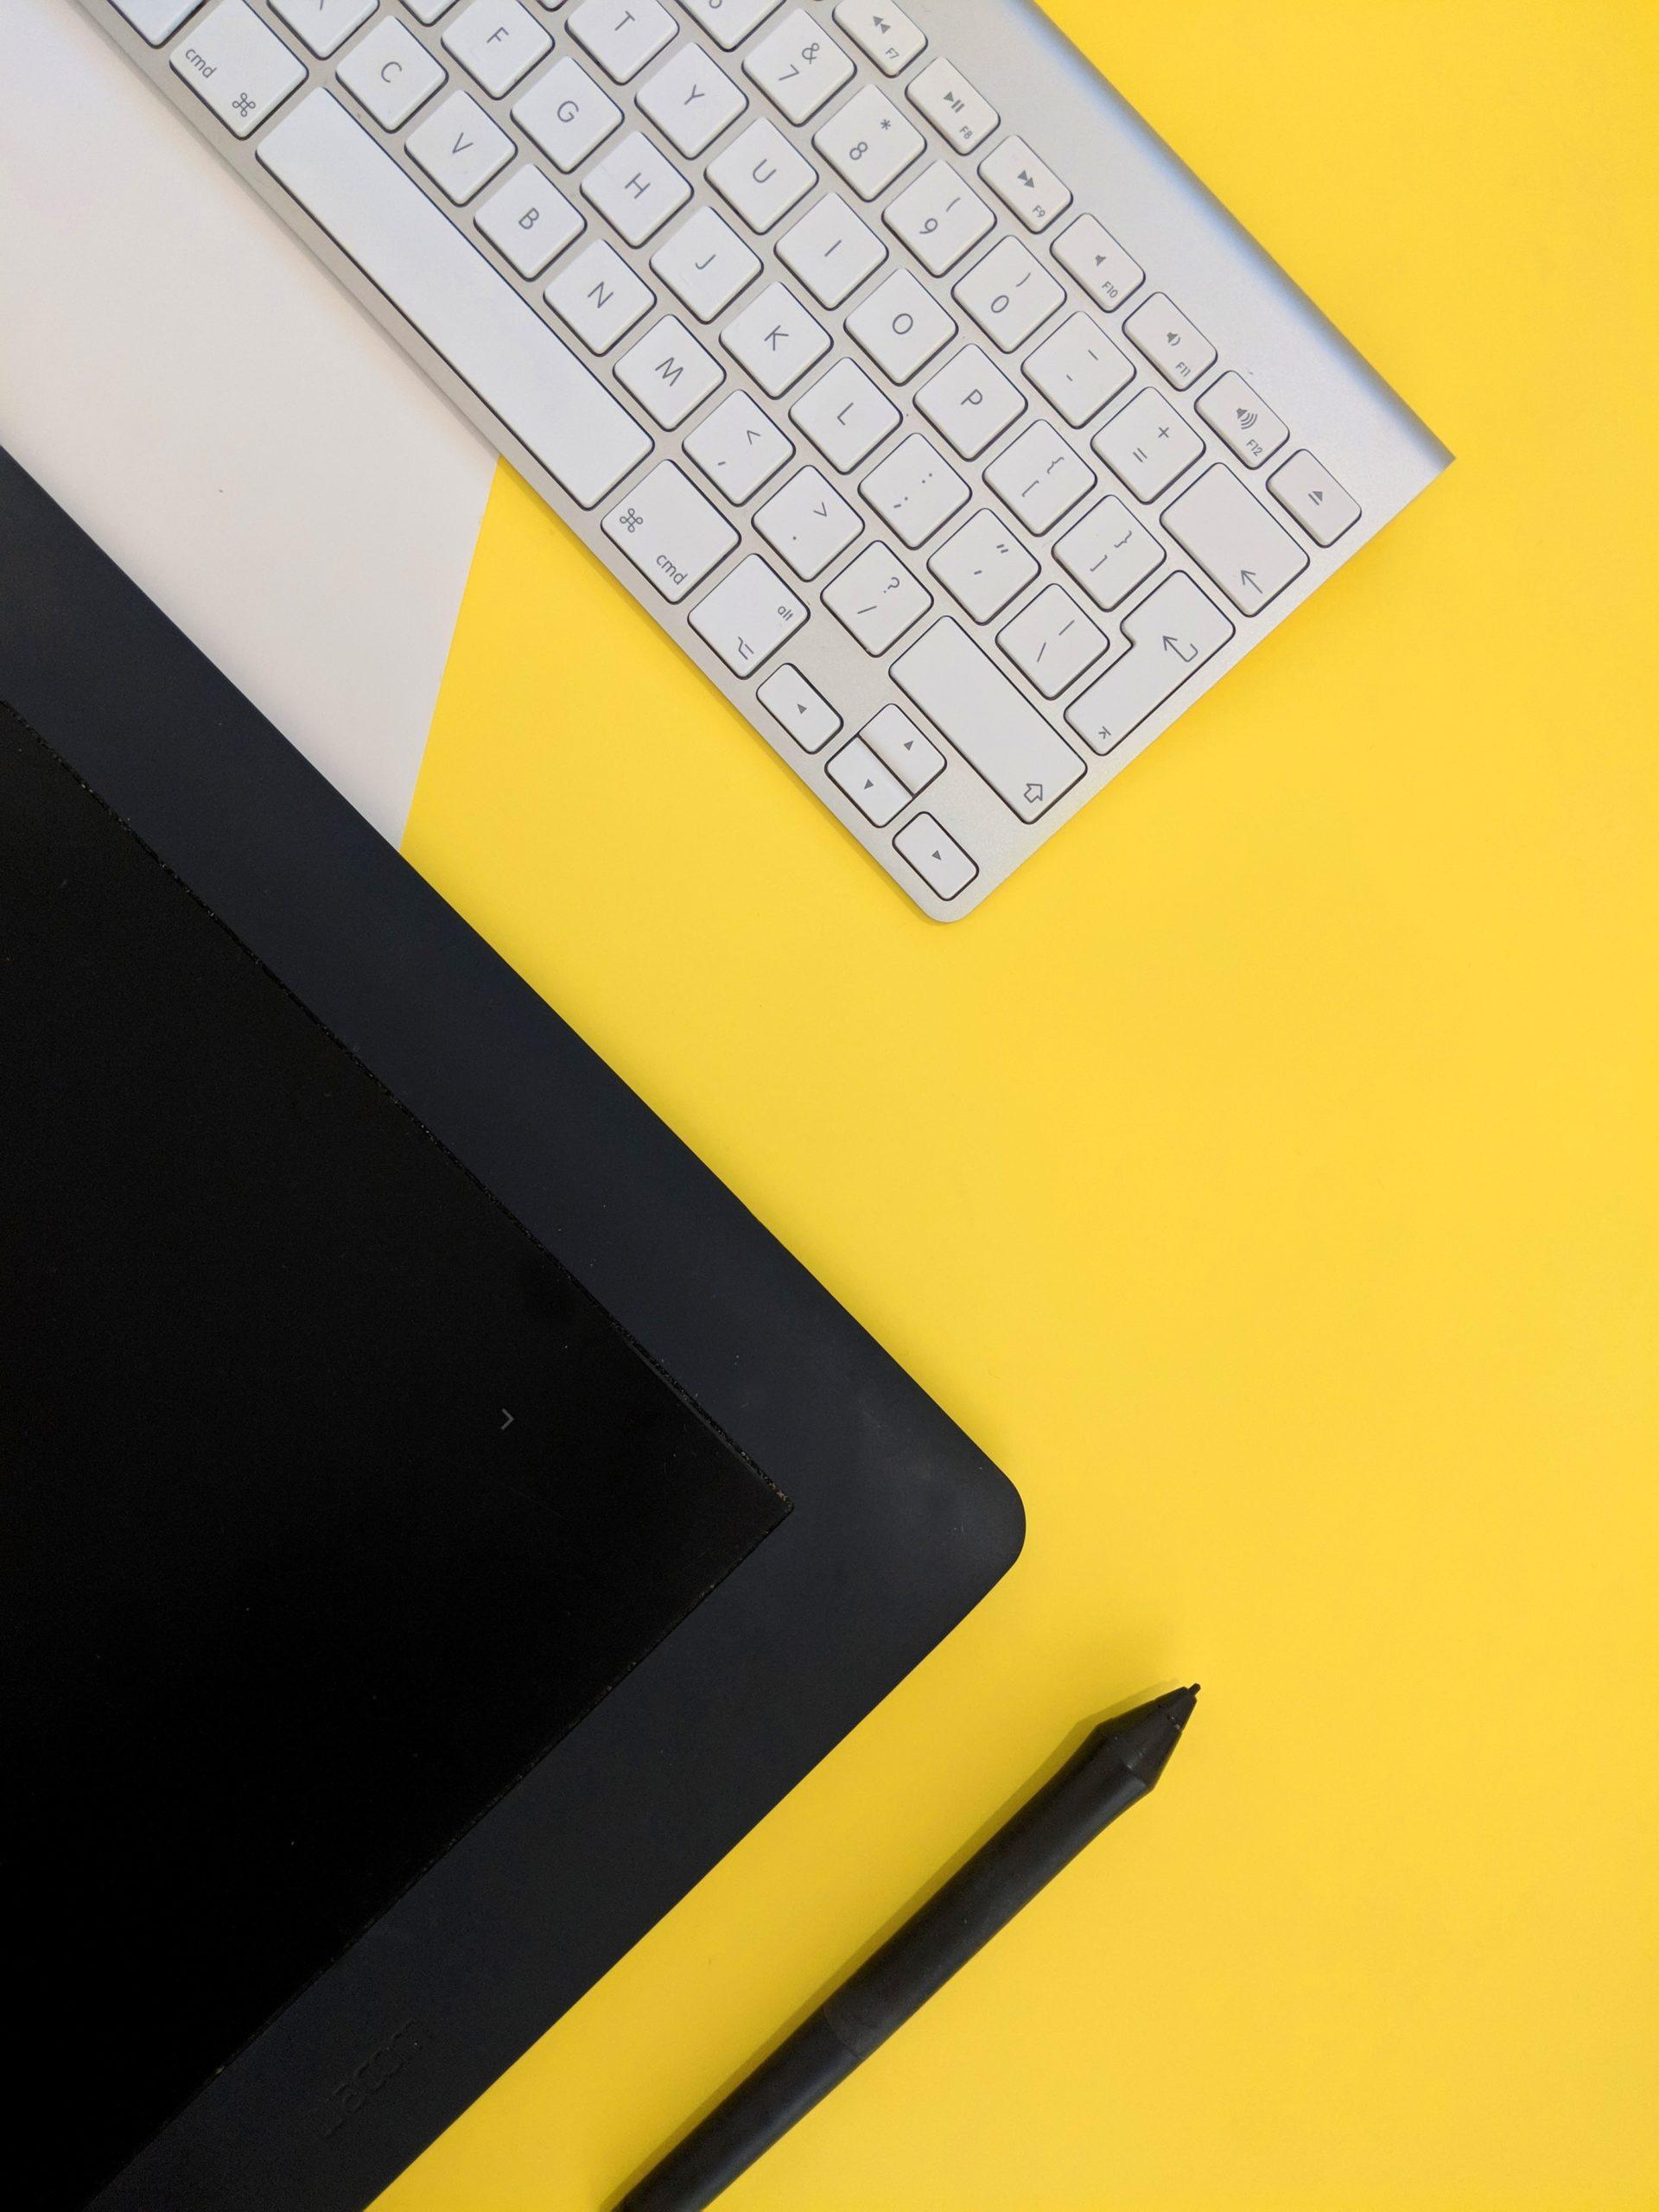 Tastatur Gelb